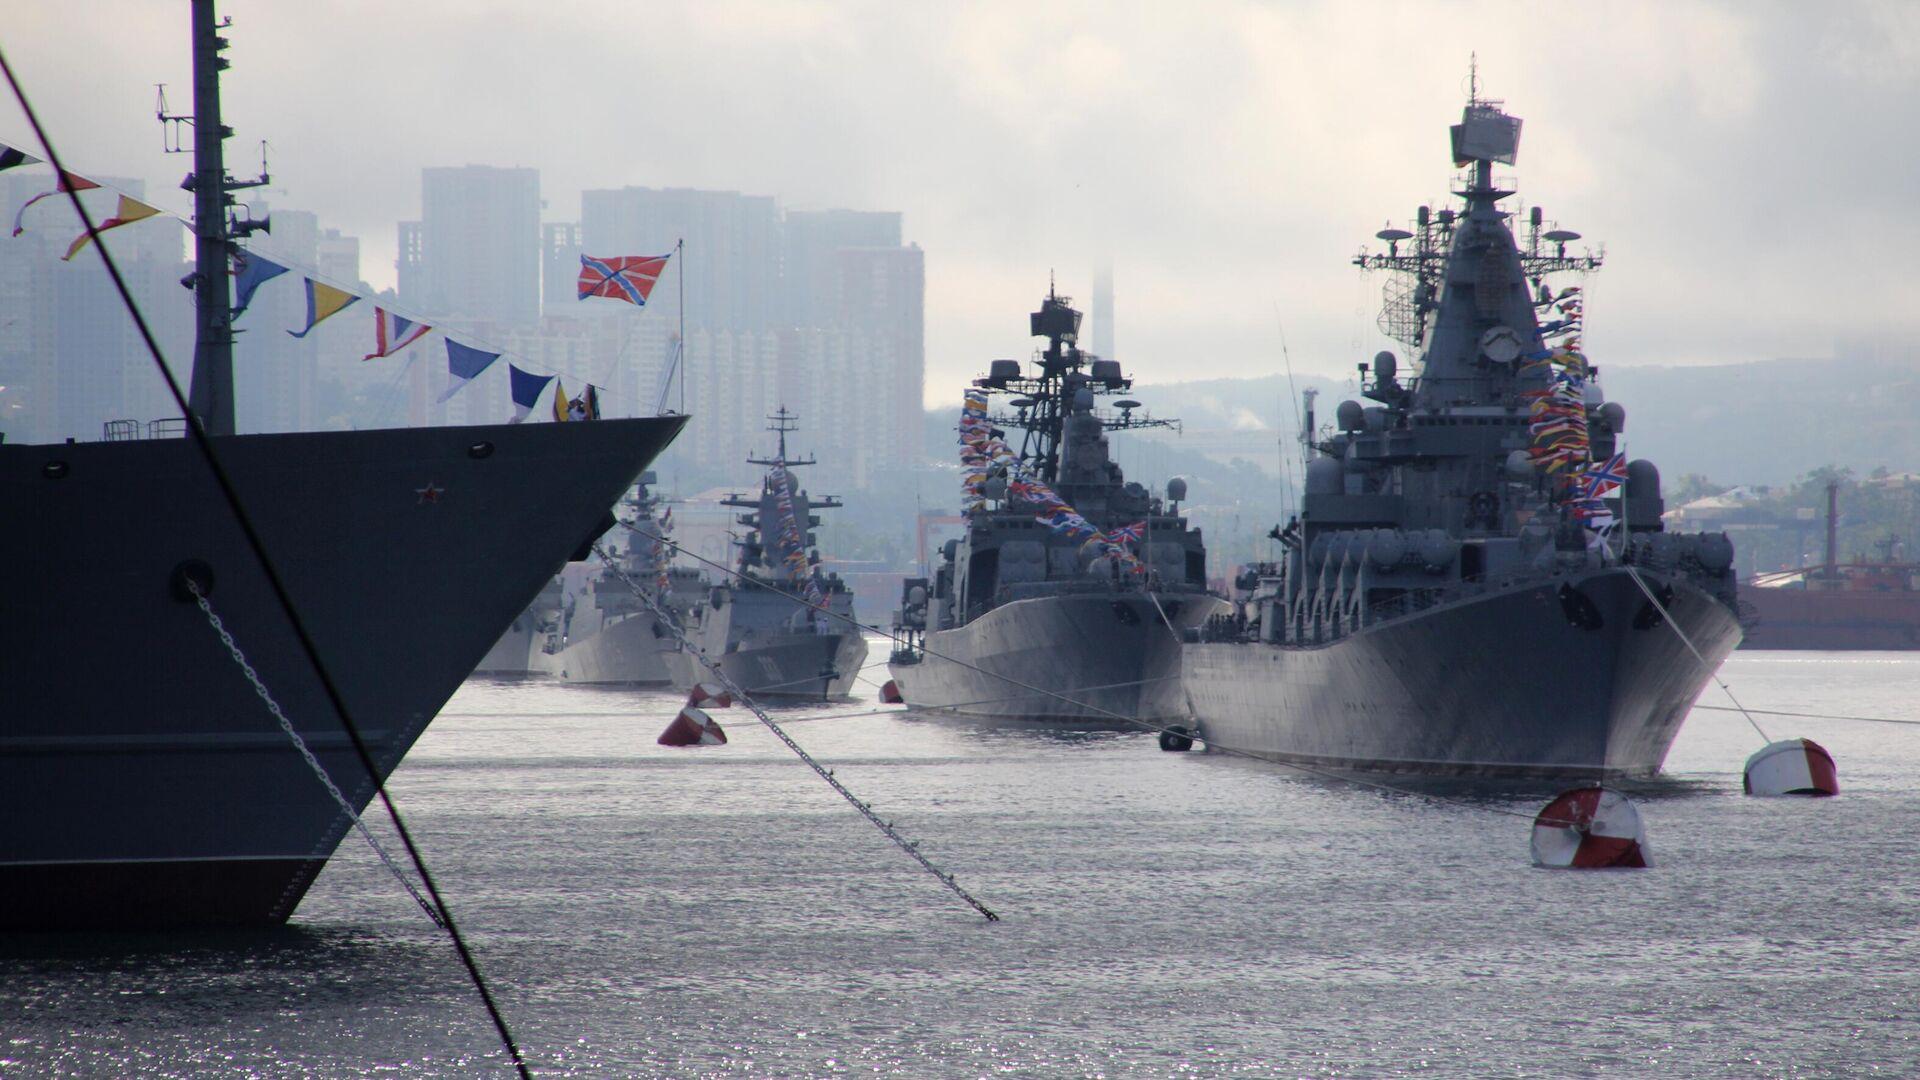 Корабли на параде в честь Дня Военно-морского флота в бухте Золотой Рог во Владивостоке - РИА Новости, 1920, 19.08.2021